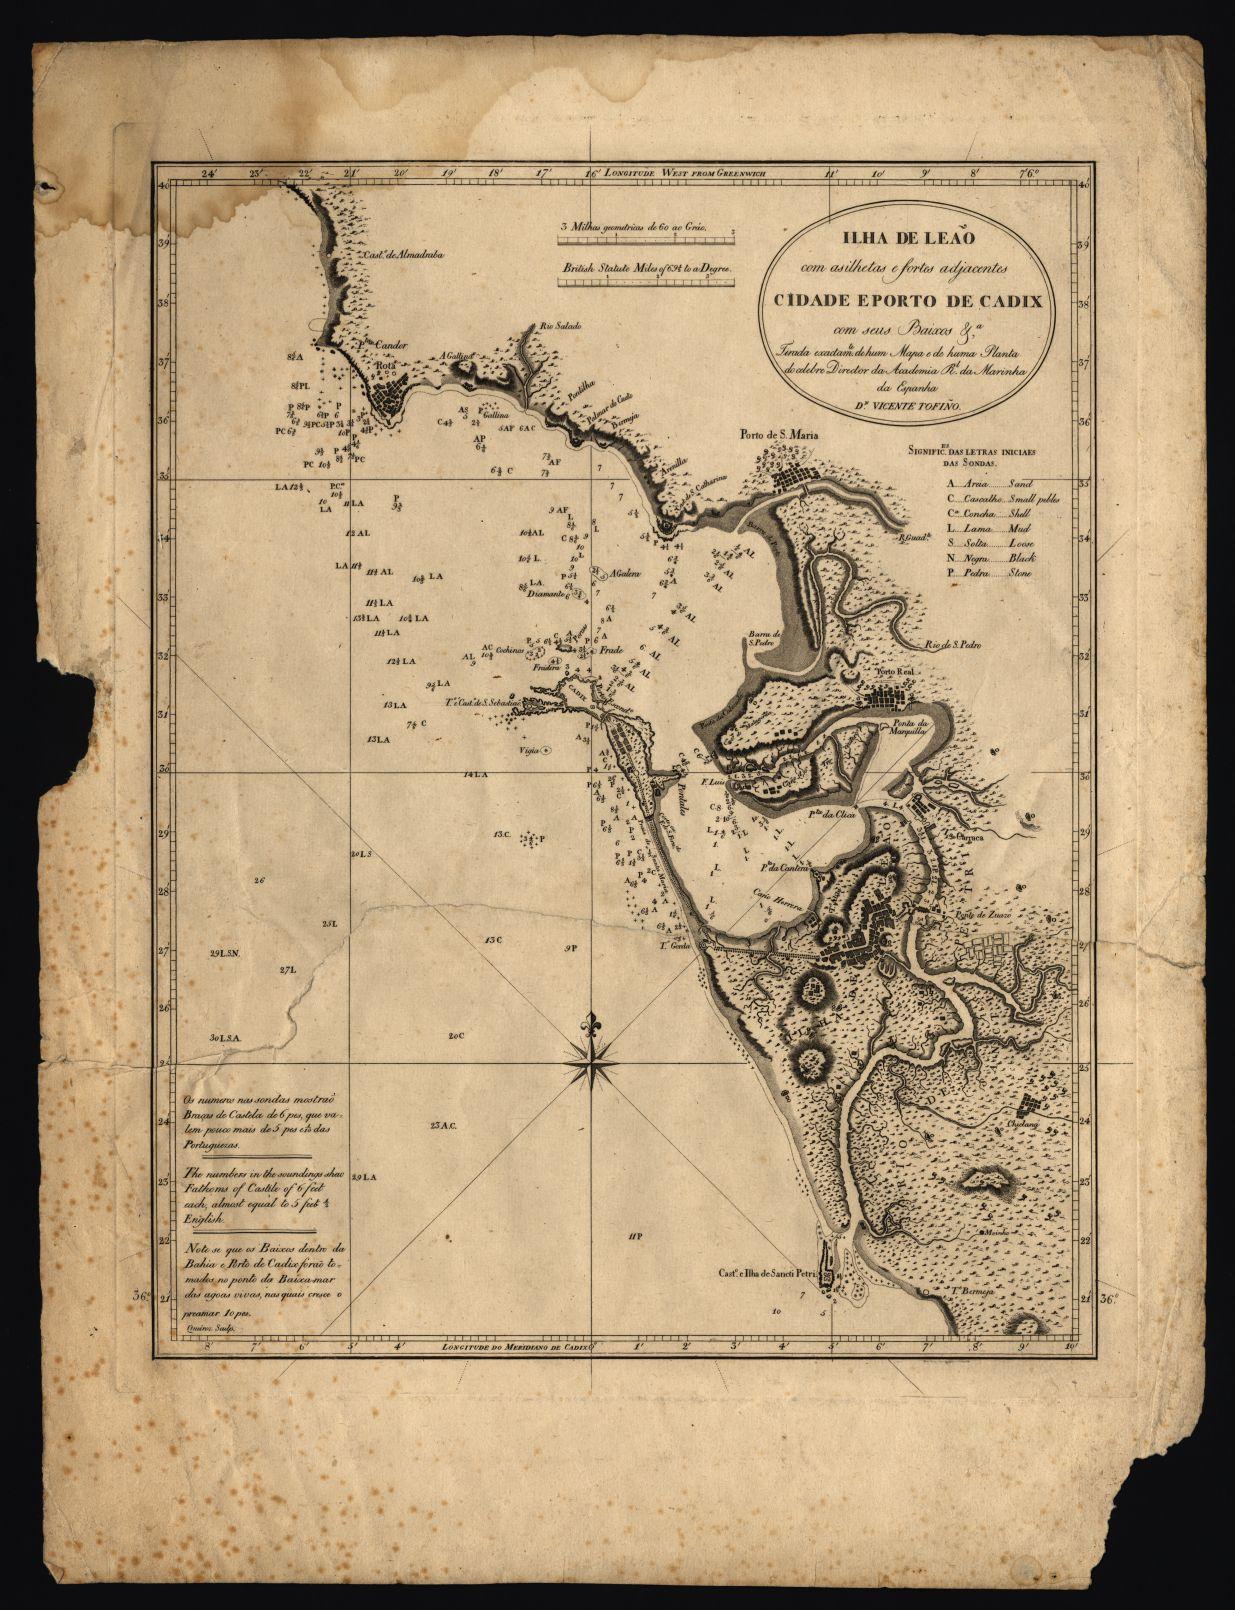 Ilha de Leão, cidade e porto de Cadix 1789